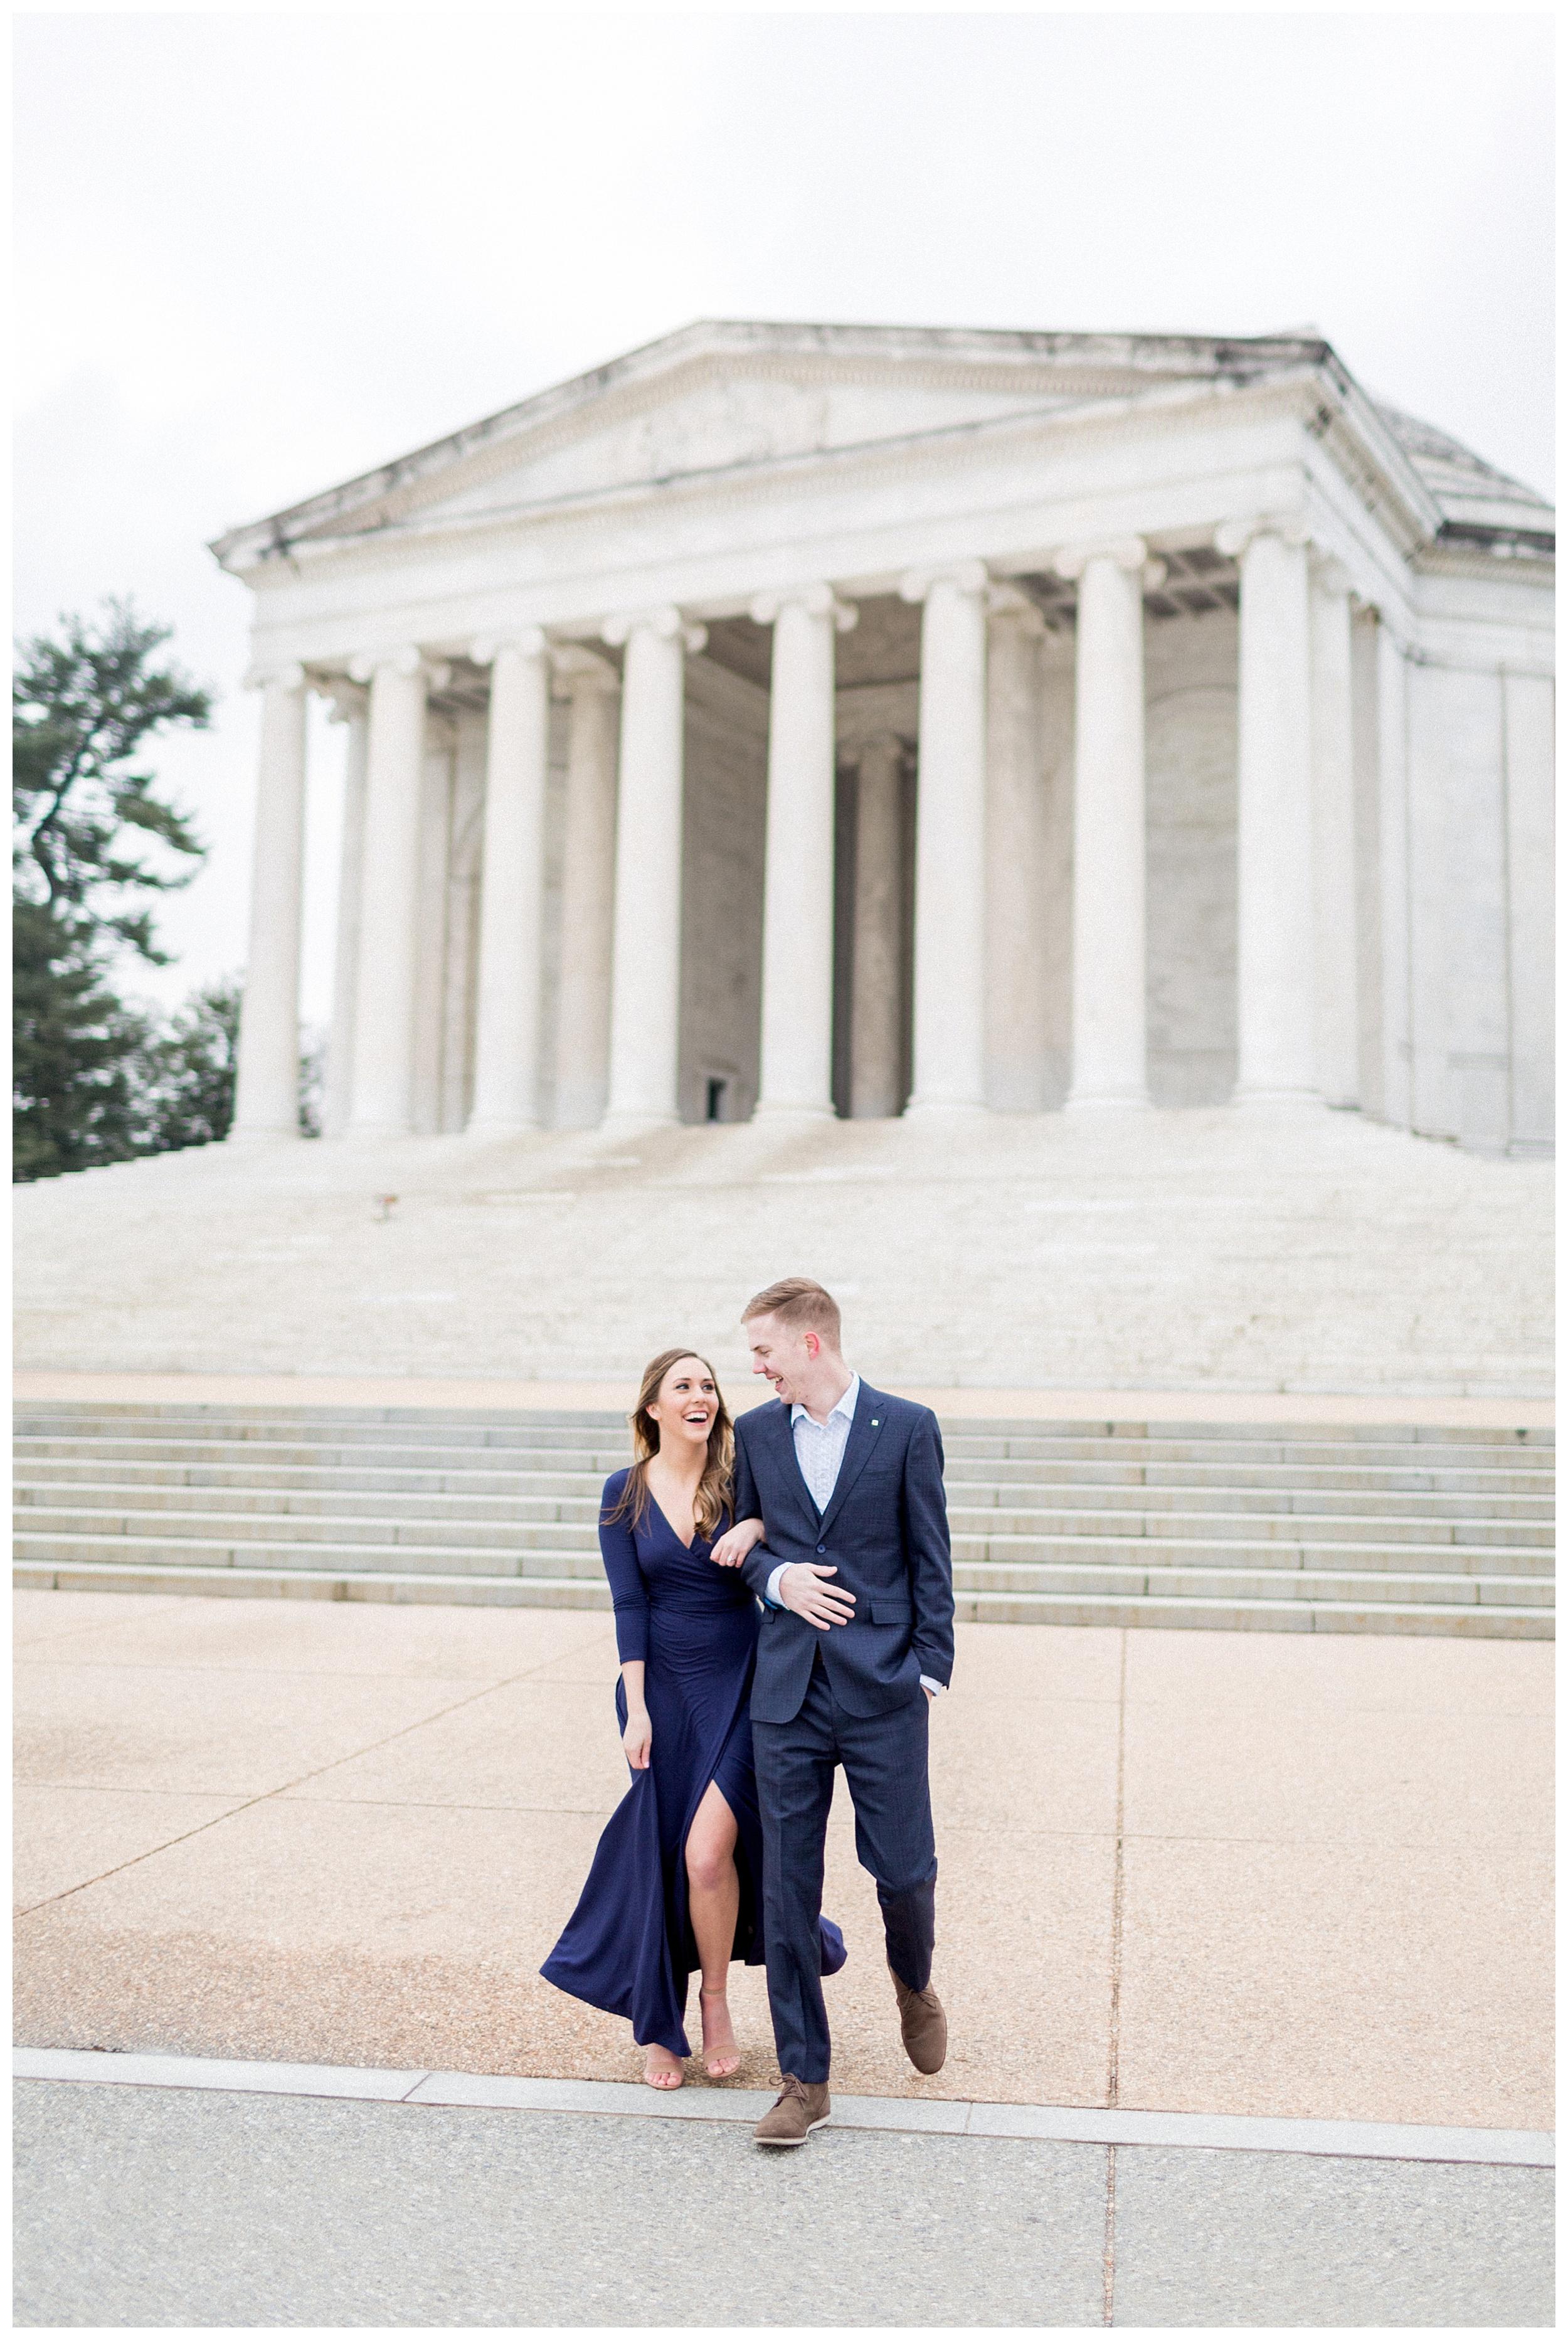 Washingon DC Engagement Photos | Jefferson Memorial Engagement | Kir Tuben_0000.jpg